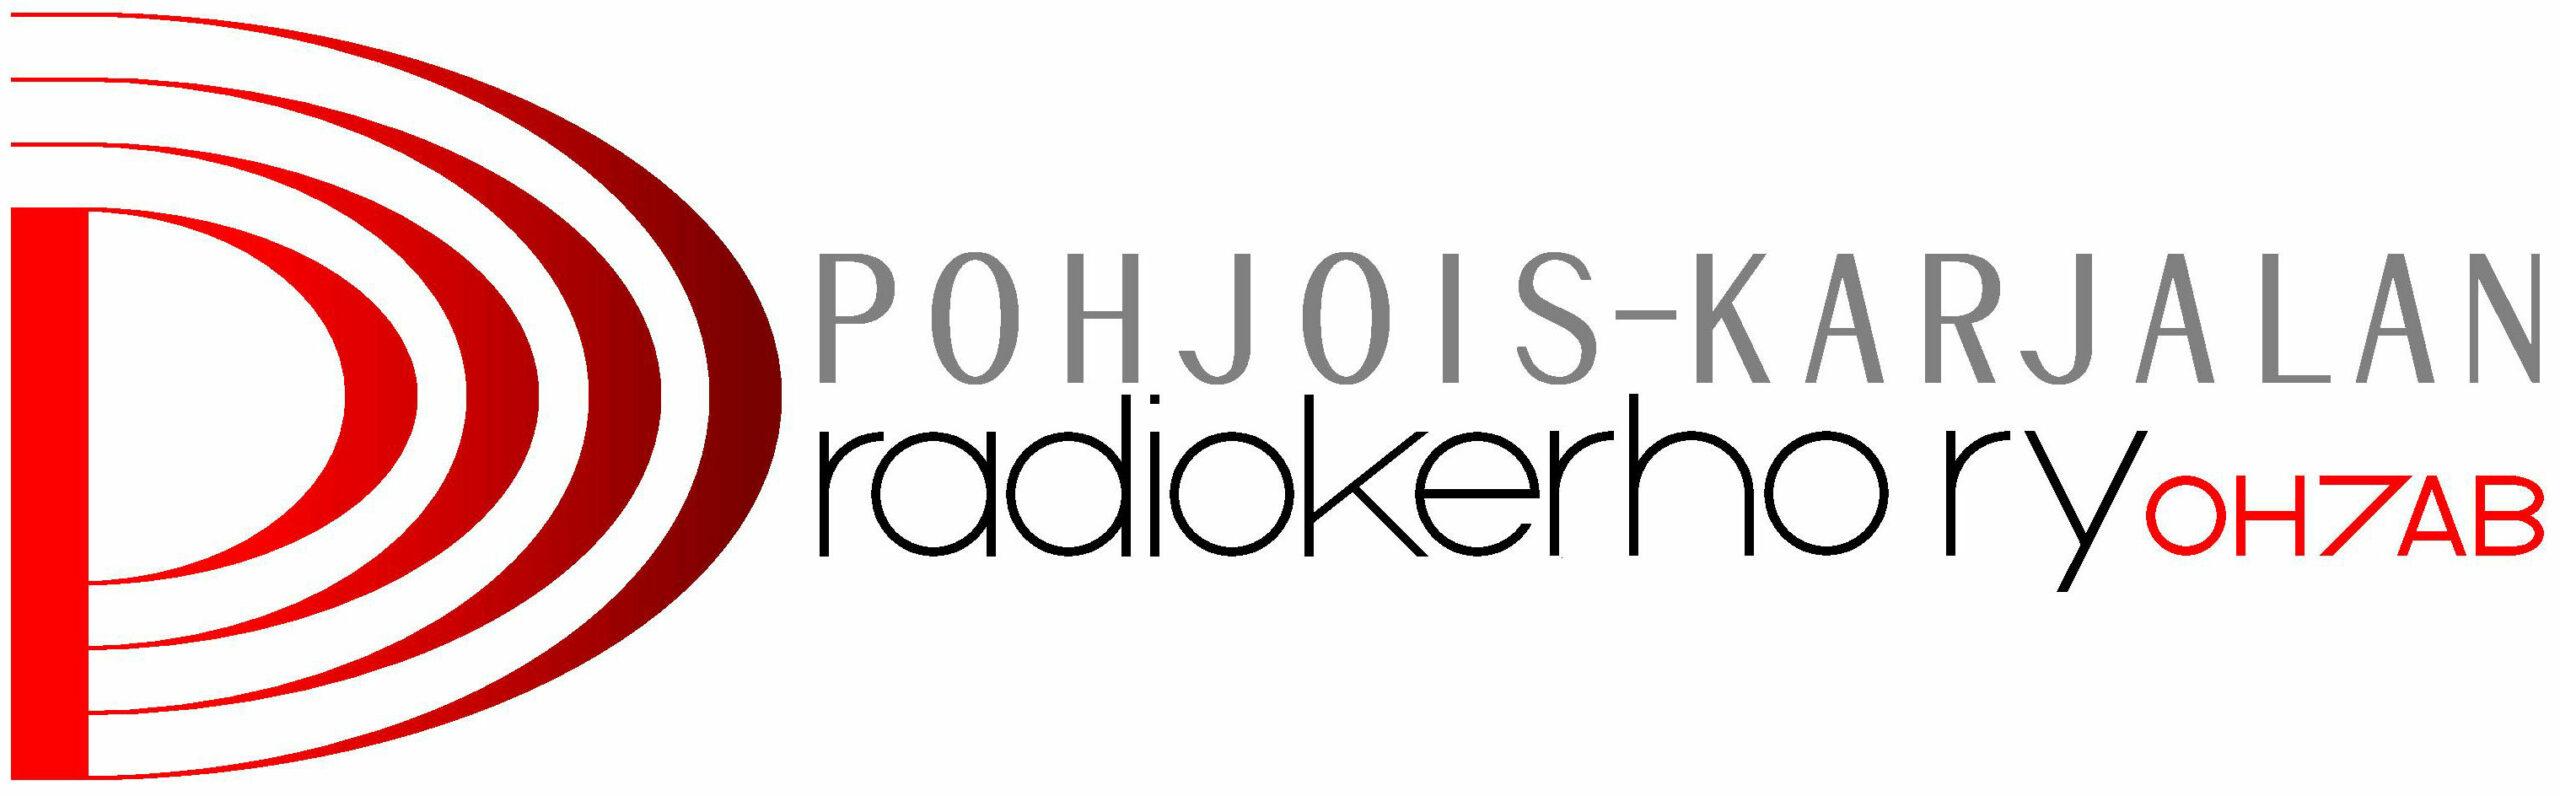 Pohjois-Karjalan Radiokerho ry OH7AB